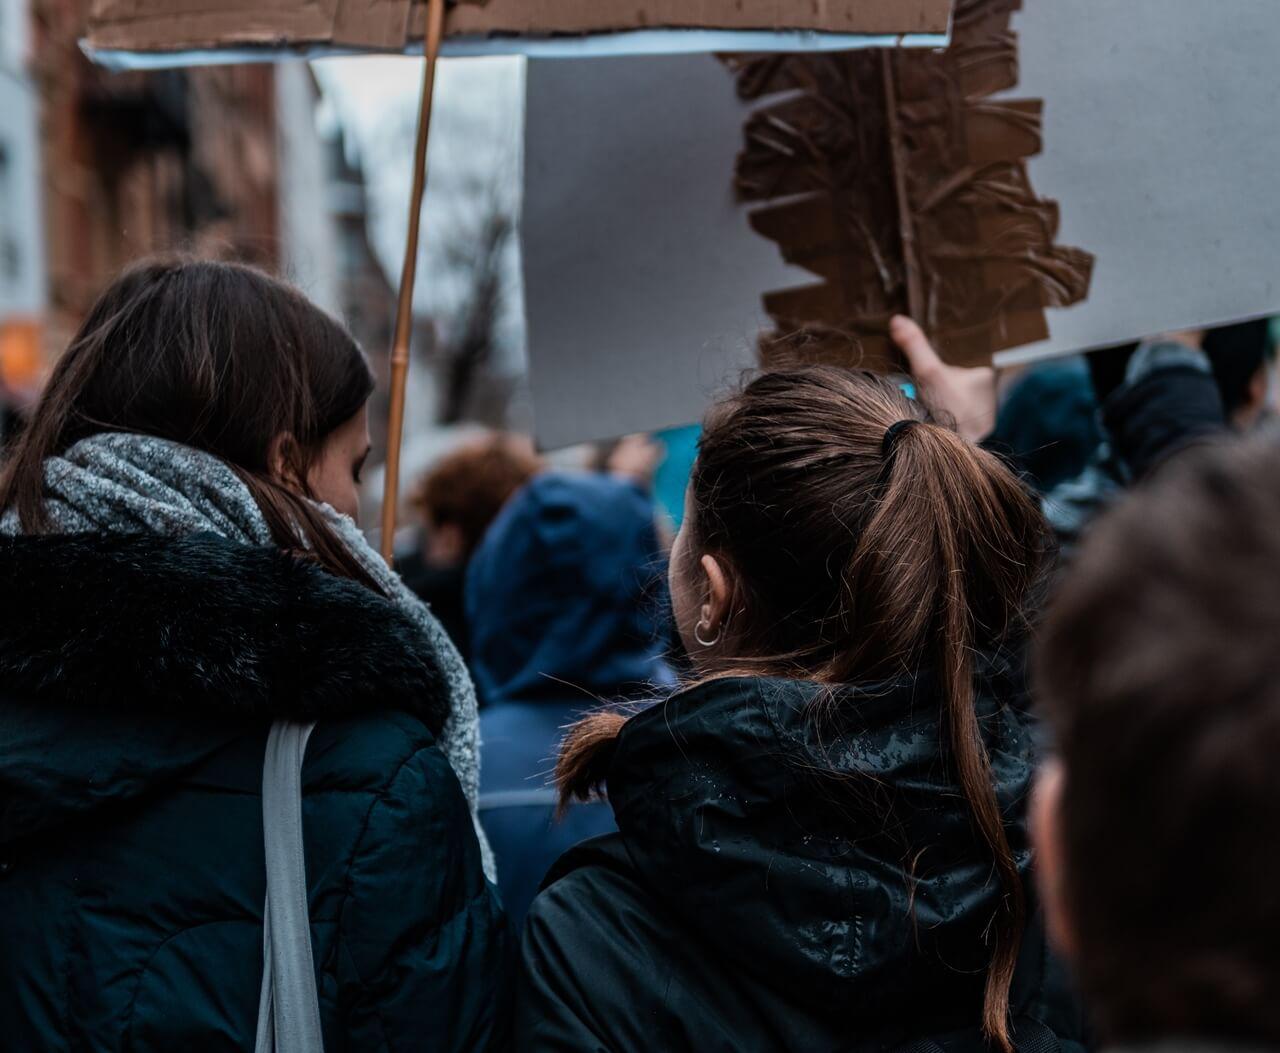 Studenti najavili prosvjed pa ga otkazali: Pročitajte njihovih 90 zahtjeva prema SC-u Rijeka